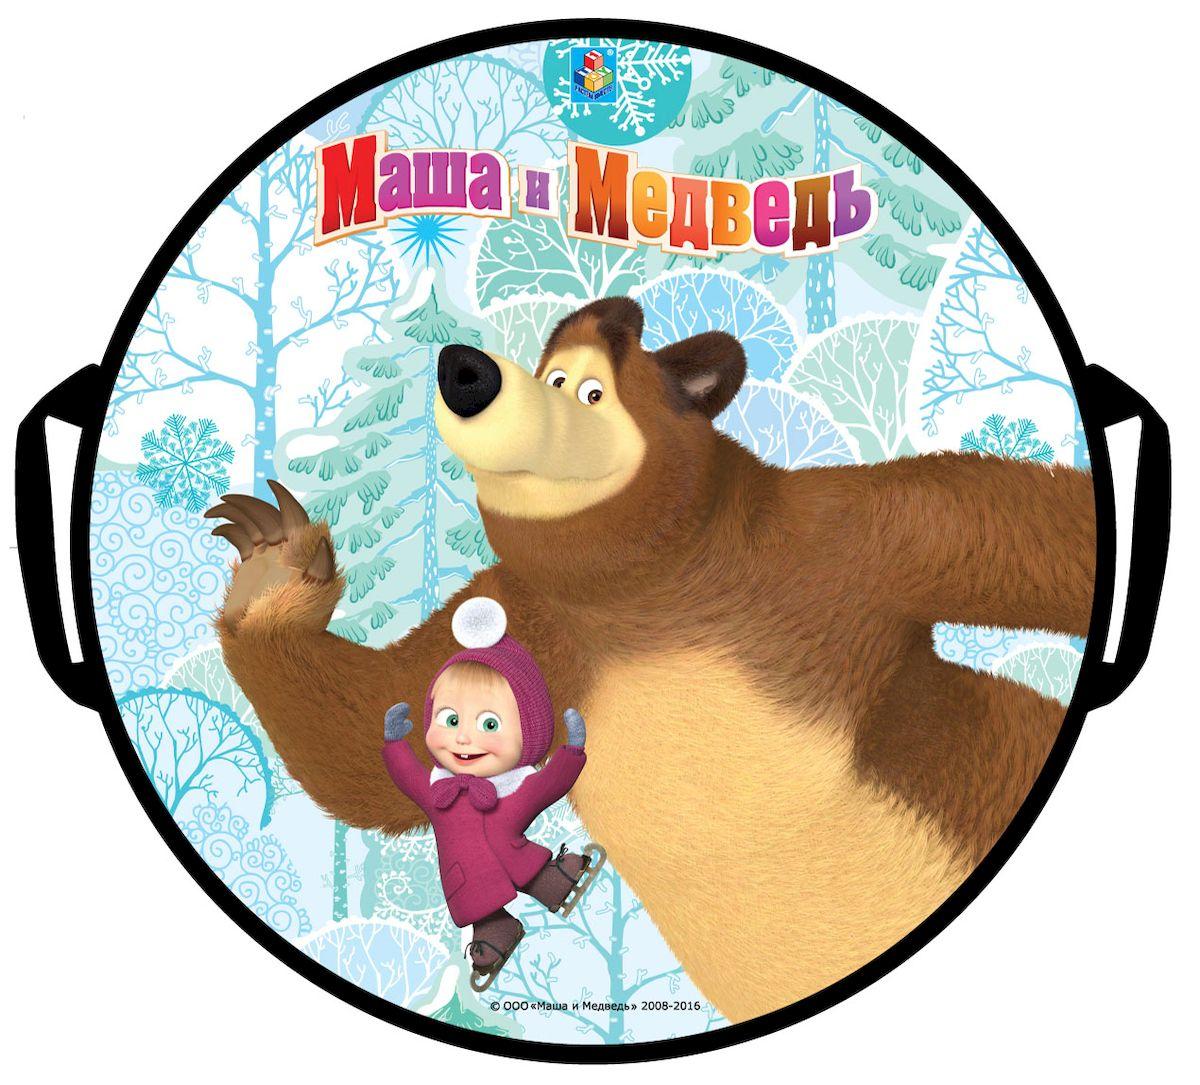 Ледянка 1toy Маша и Медведь, 52 смТ59046Круглая ледянка 1toy Маша и Медведь подойдет для любителей зимних спортивных развлечений. Выполнена из ПВХ.Ледянка имеет 2 ручки для удобства. На лицевой стороне имеется изображение с героями любимого мультфильма.